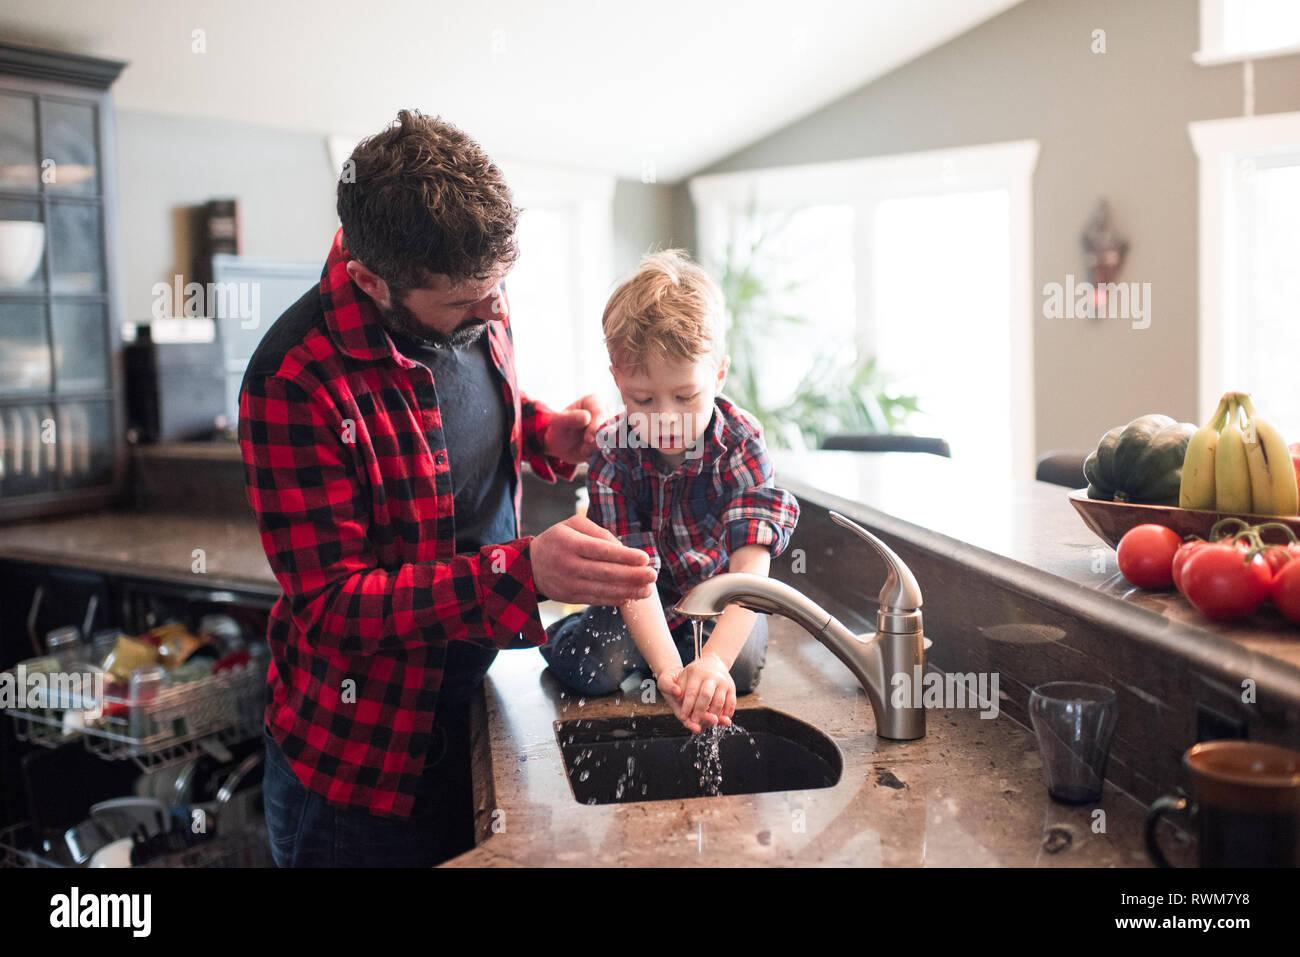 Padre Mira hijo lavarse las manos en el lavabo de la cocina Foto de stock